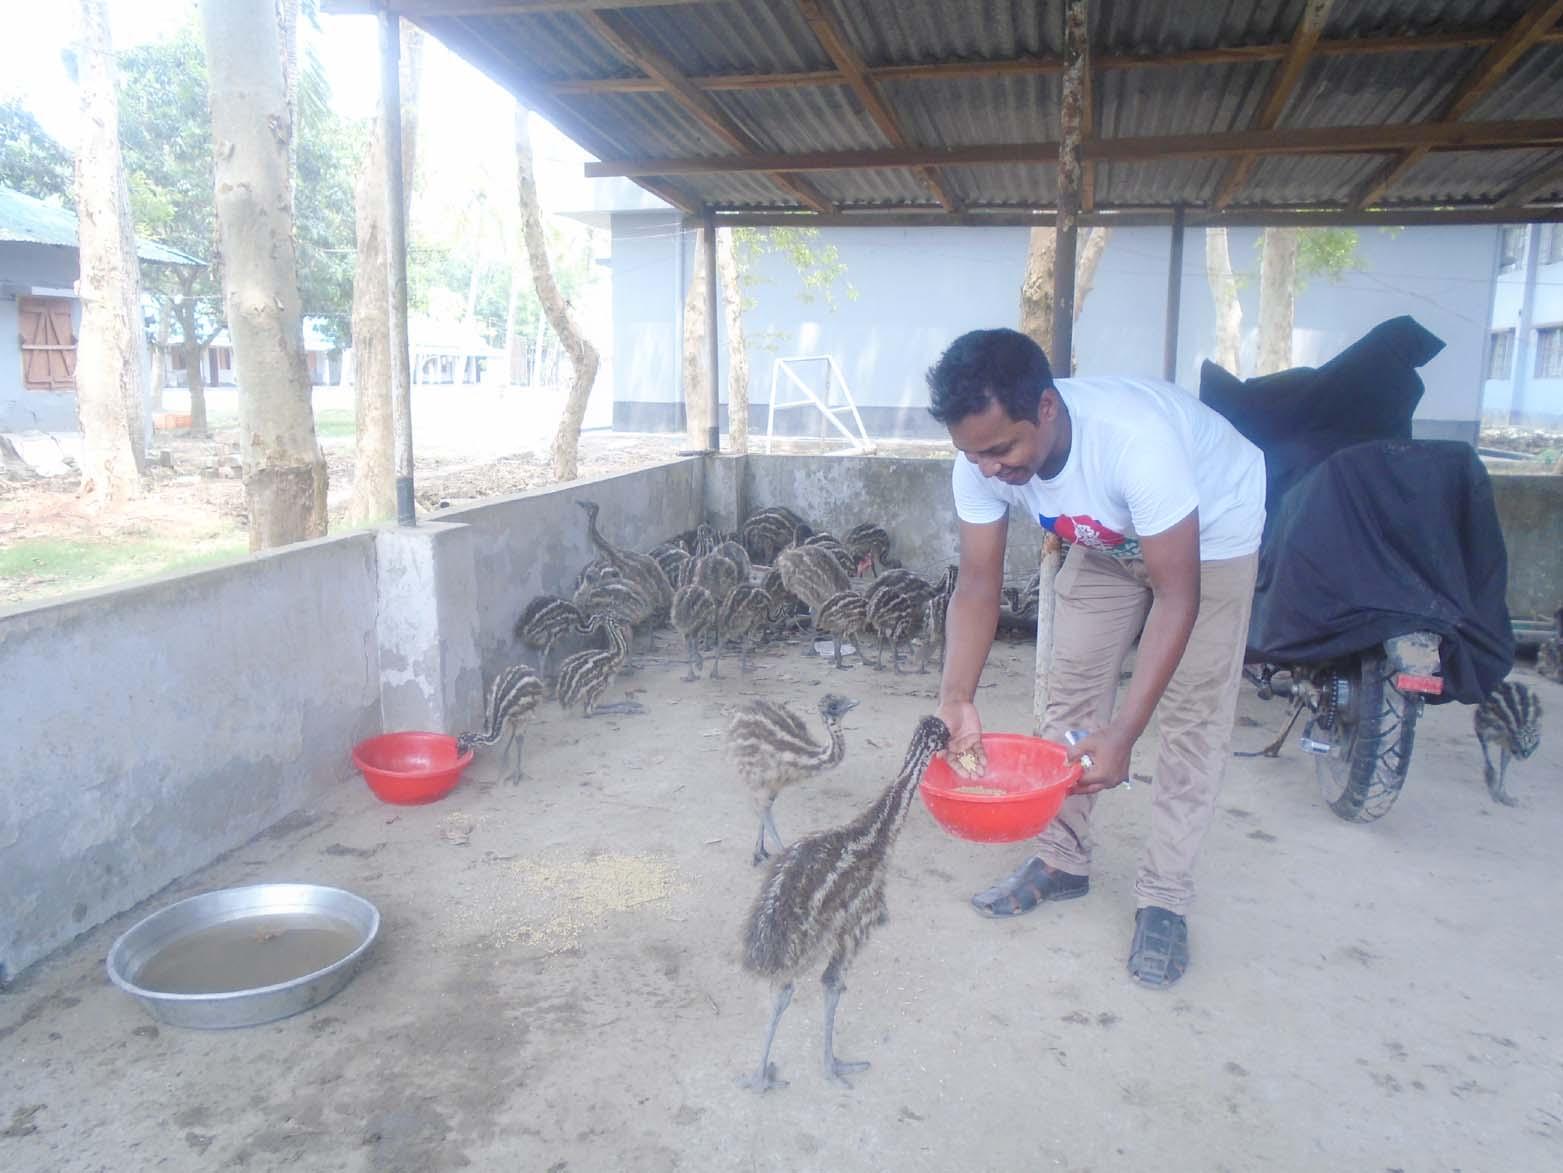 বিজিবি'র হাতে জব্দ বাচ্চাগুলো ইমু পাখির